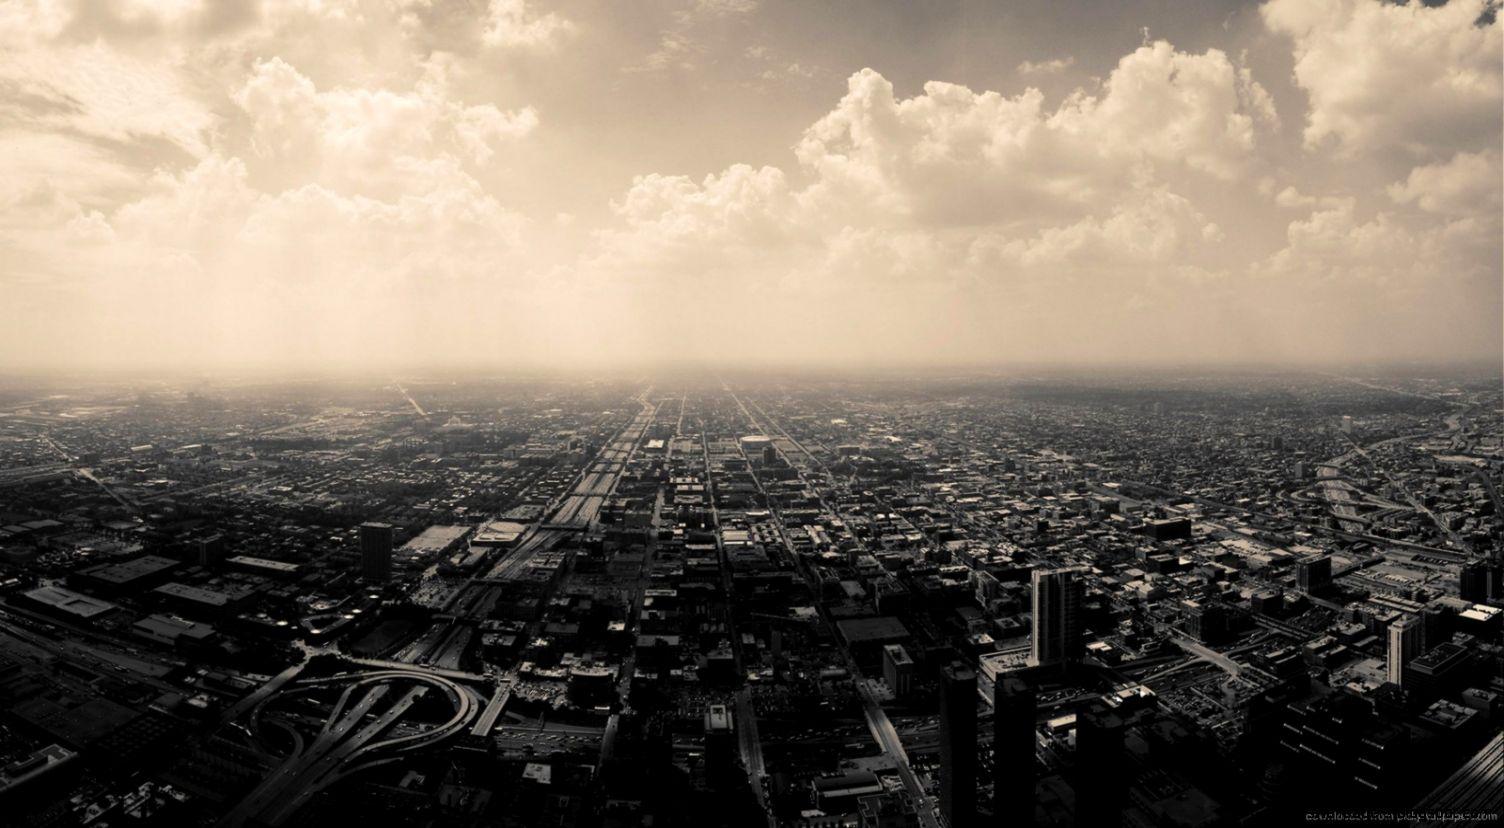 Download 1600x900 Sepia Cityscape Wallpaper